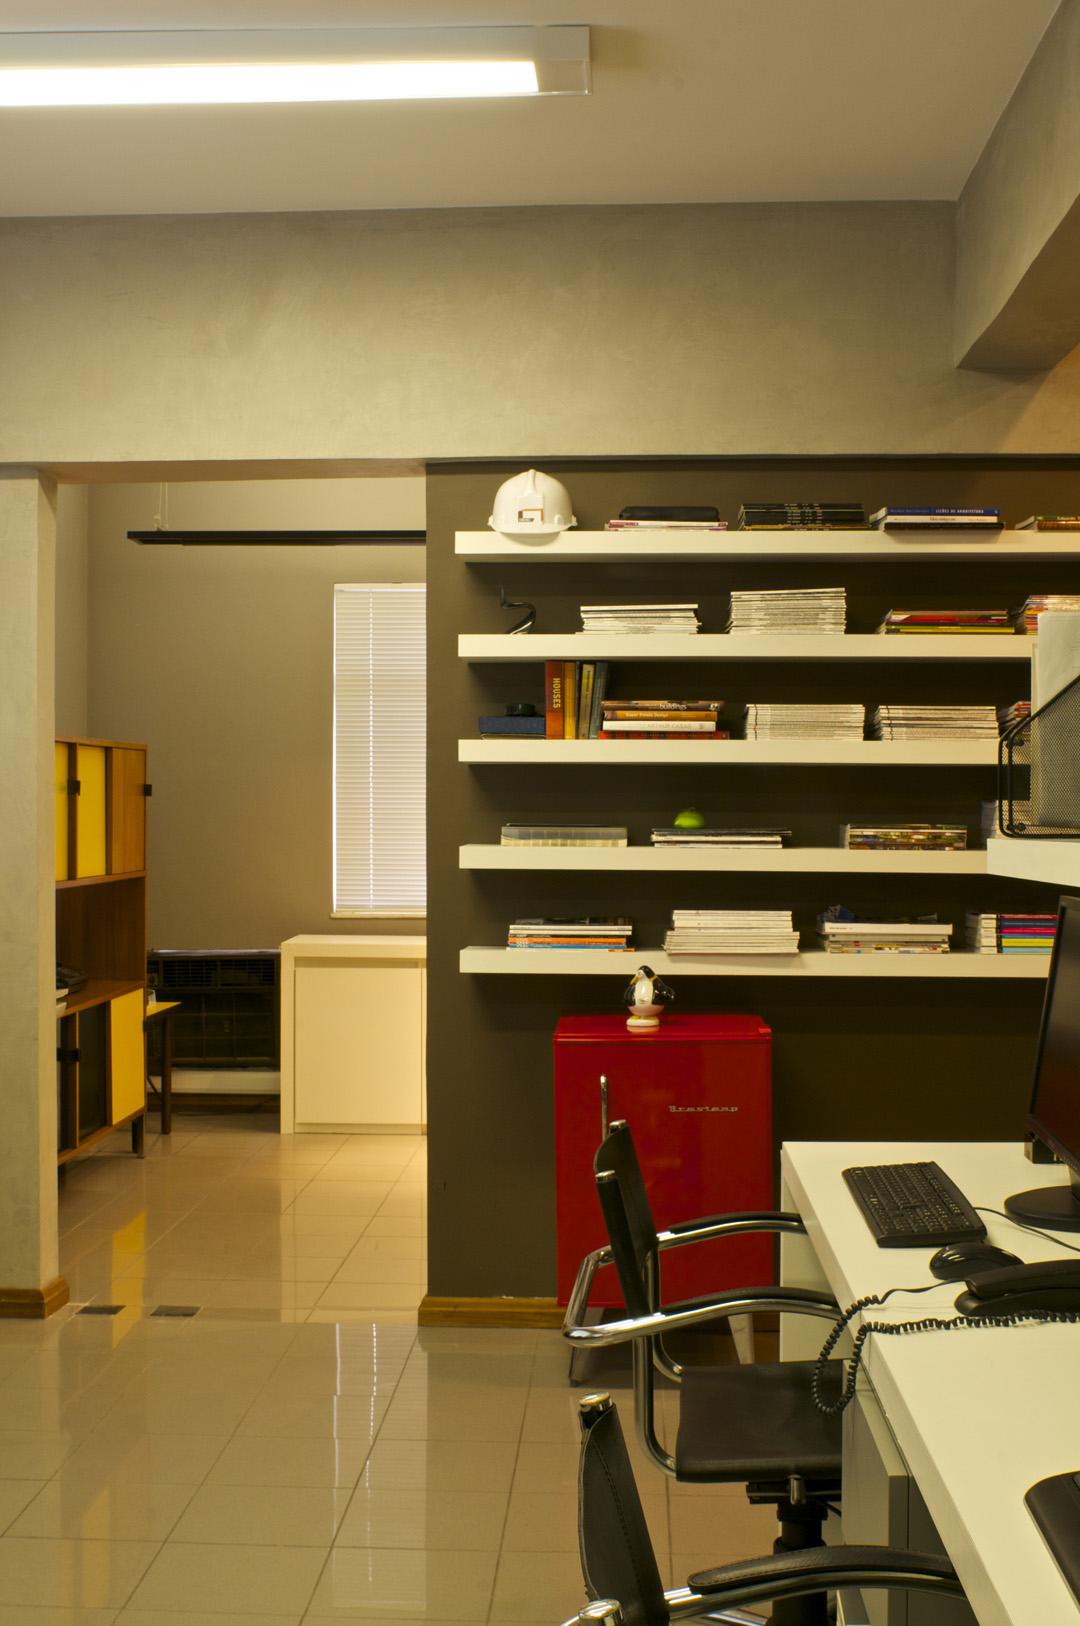 óbvio_escritório_de_arquitetura_17